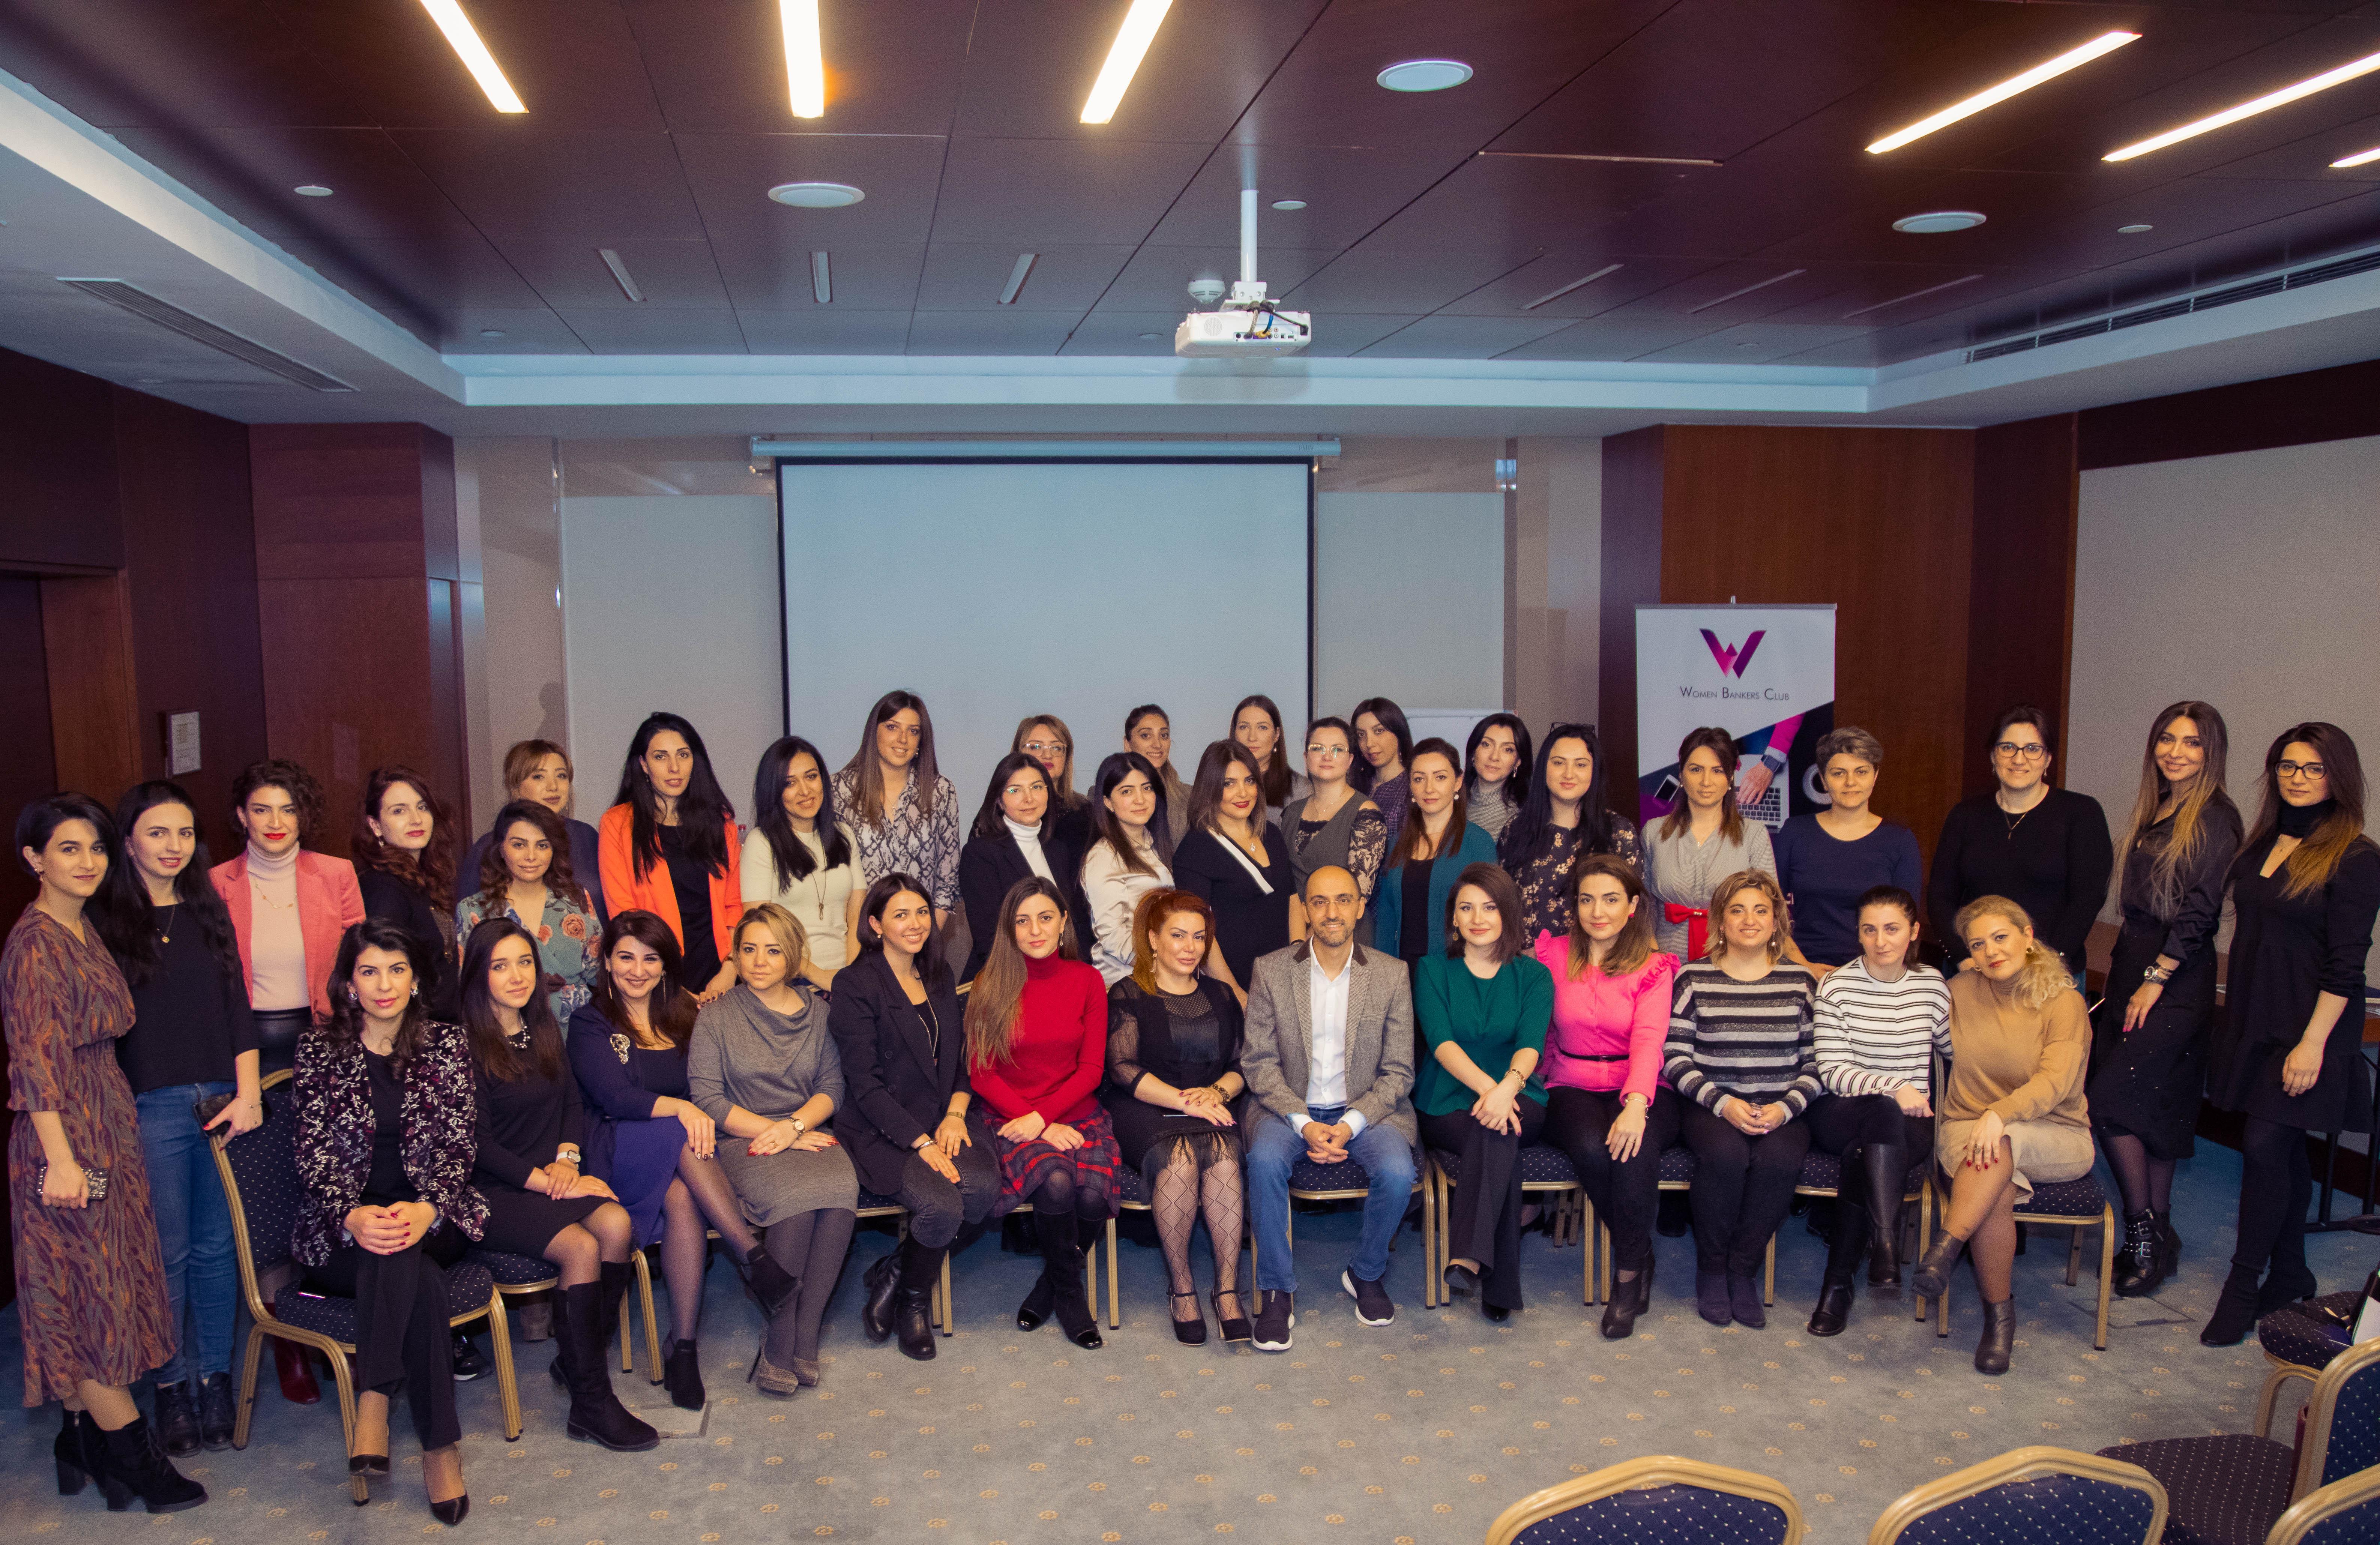 Azərbaycan Qadınlar Klubunun (Women Bankers Club) təşkilatçılığı ilə növbəti seminar keçirildi